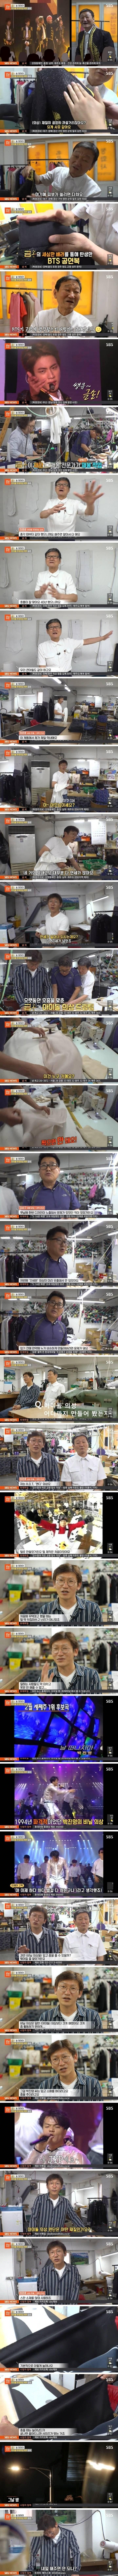 아이돌 무대의상 제작 금손 | 인스티즈